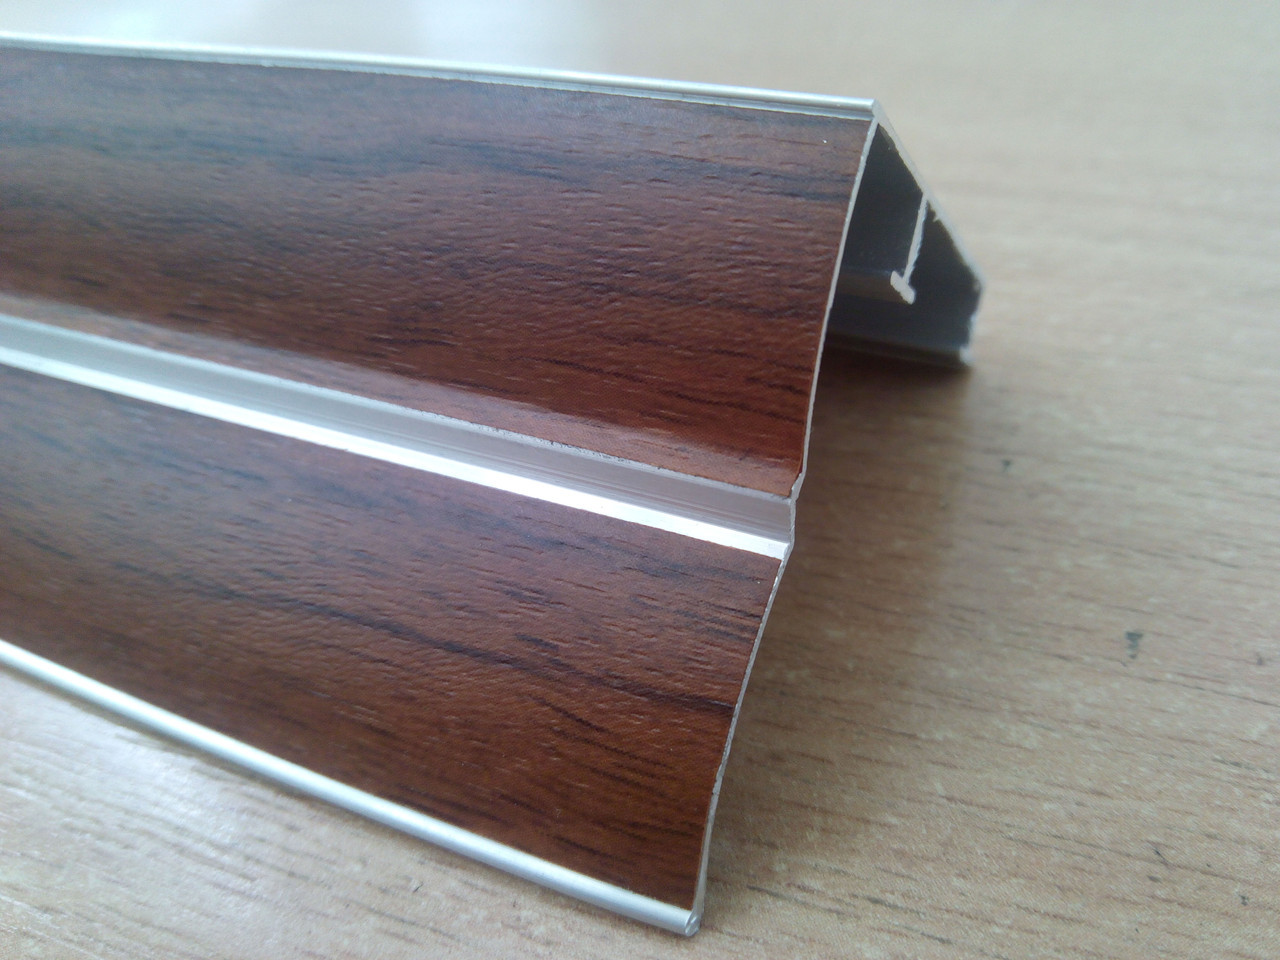 Карниз 2,5метра алюминиевый для штор и гардин, ассортимент цветов, доставка по Украине